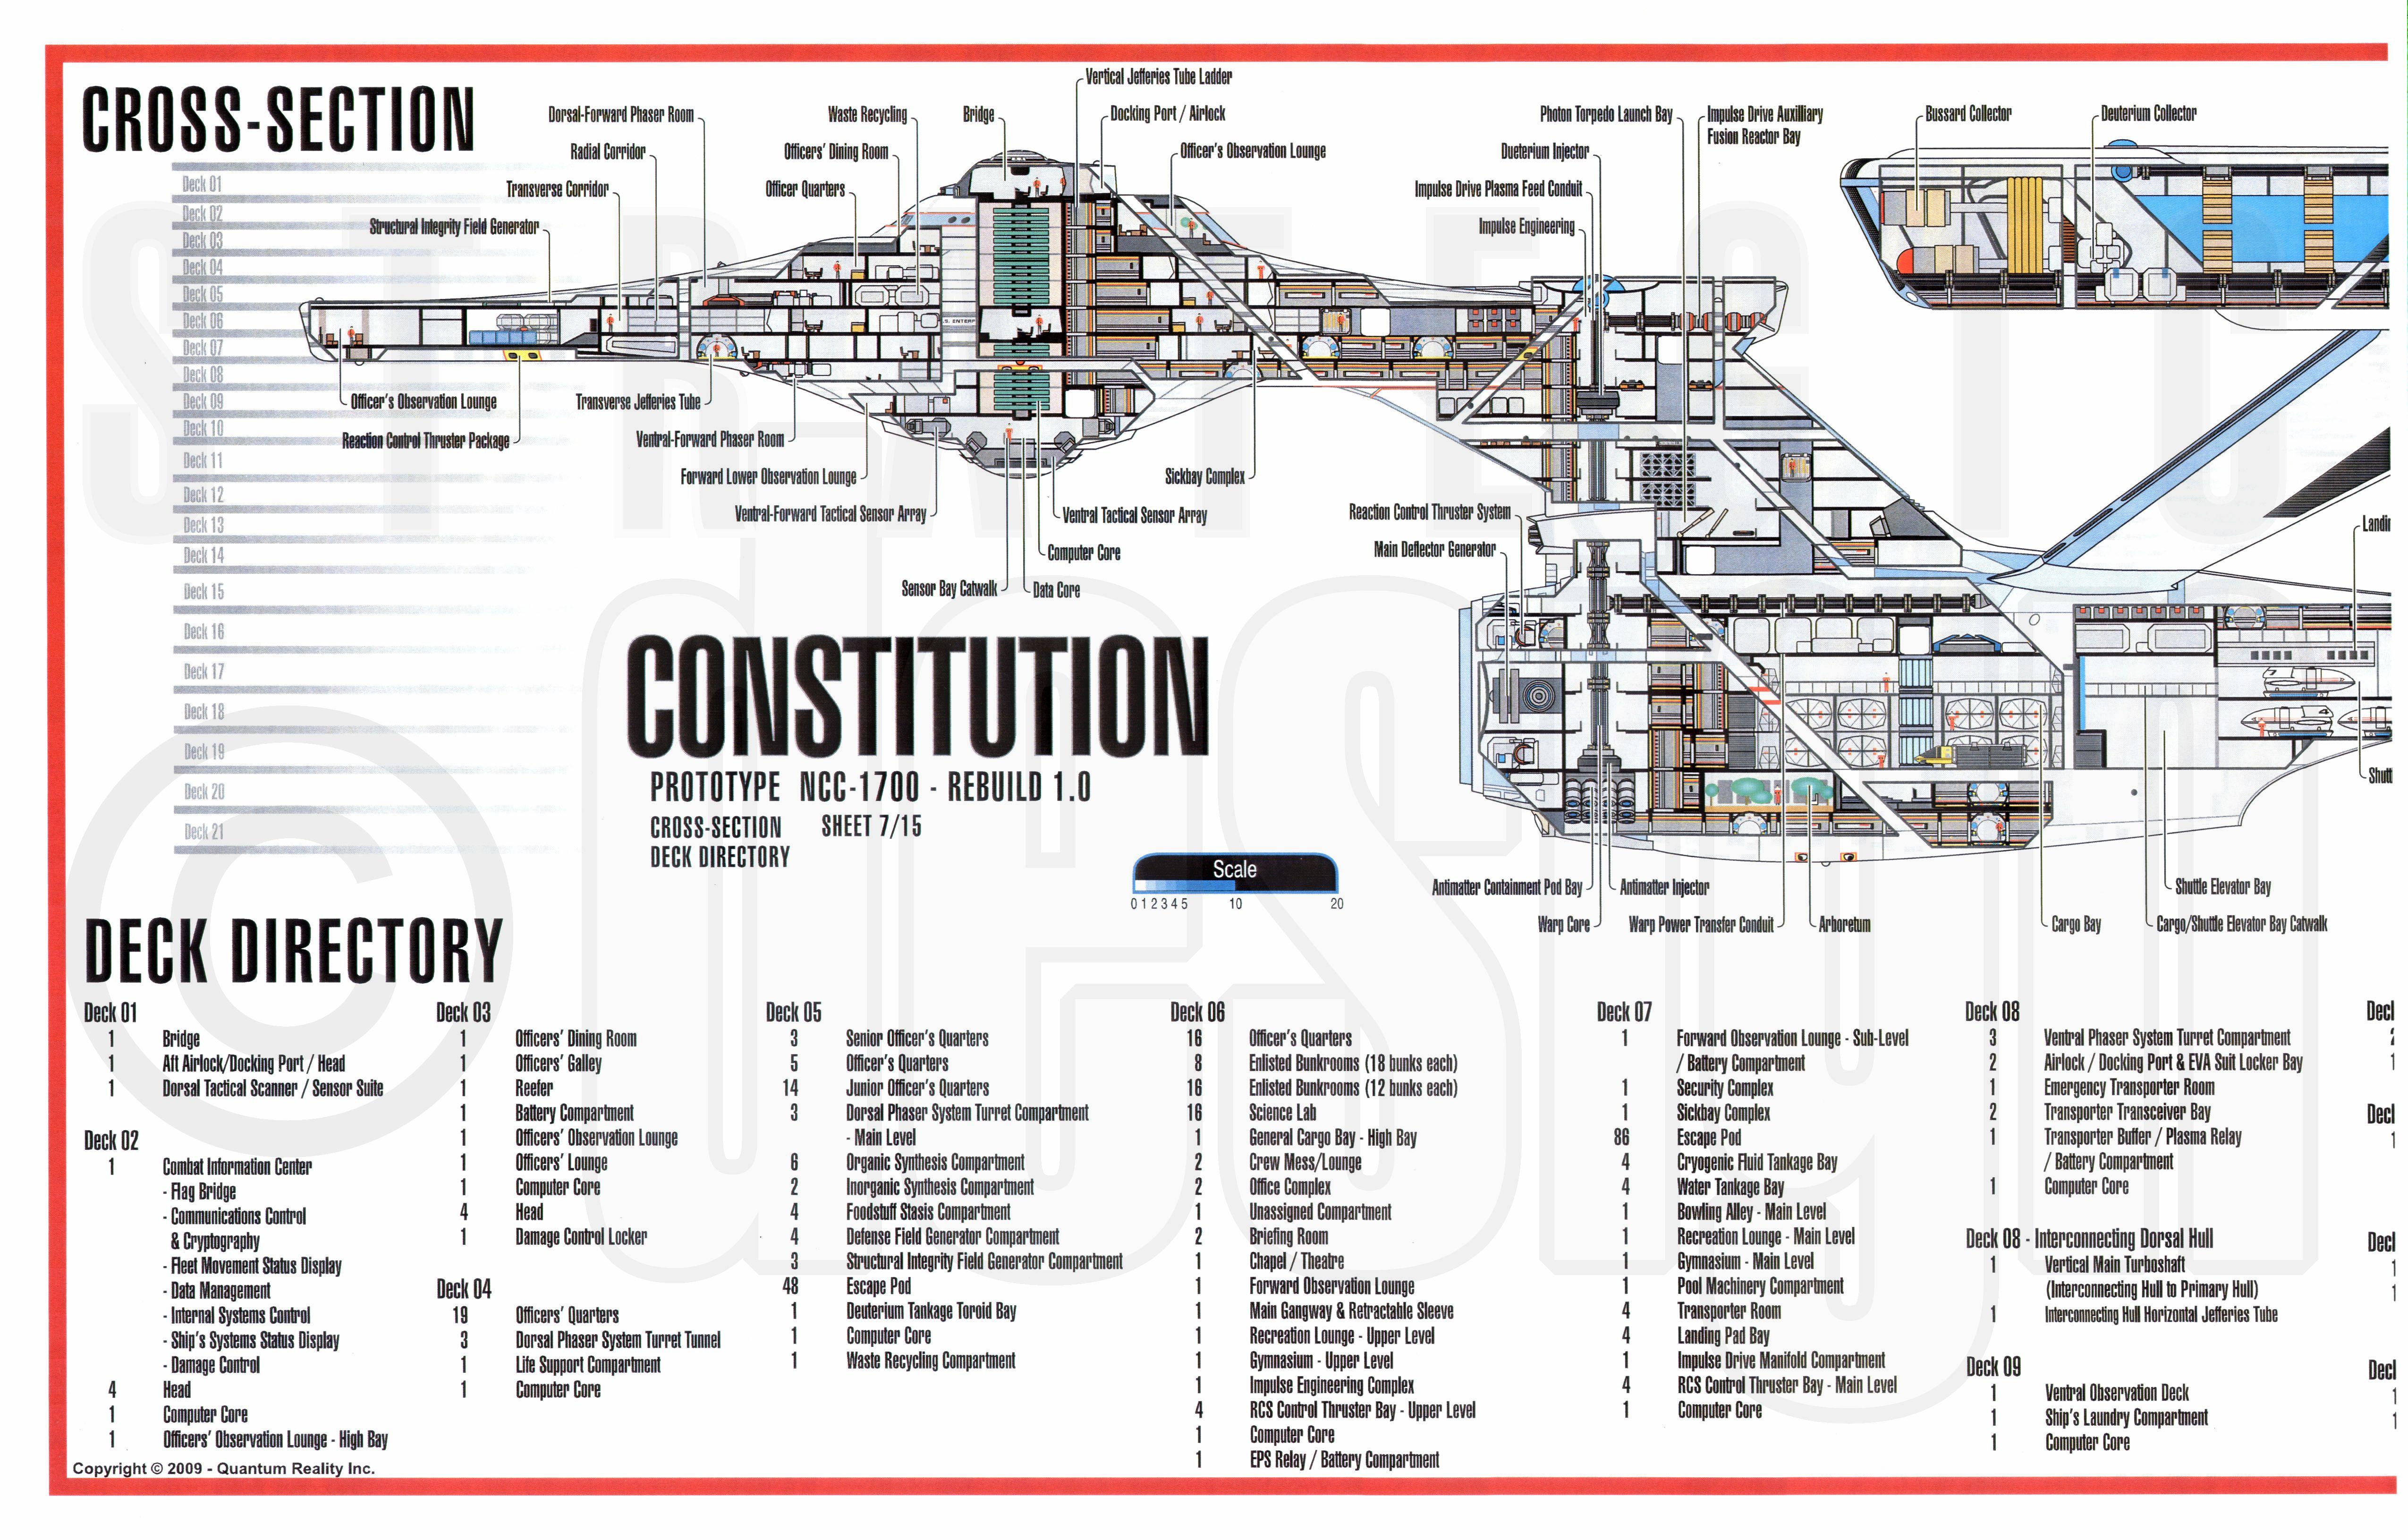 Star trek blueprints constitution class rebuild ncc 1700 for Deck blueprints online